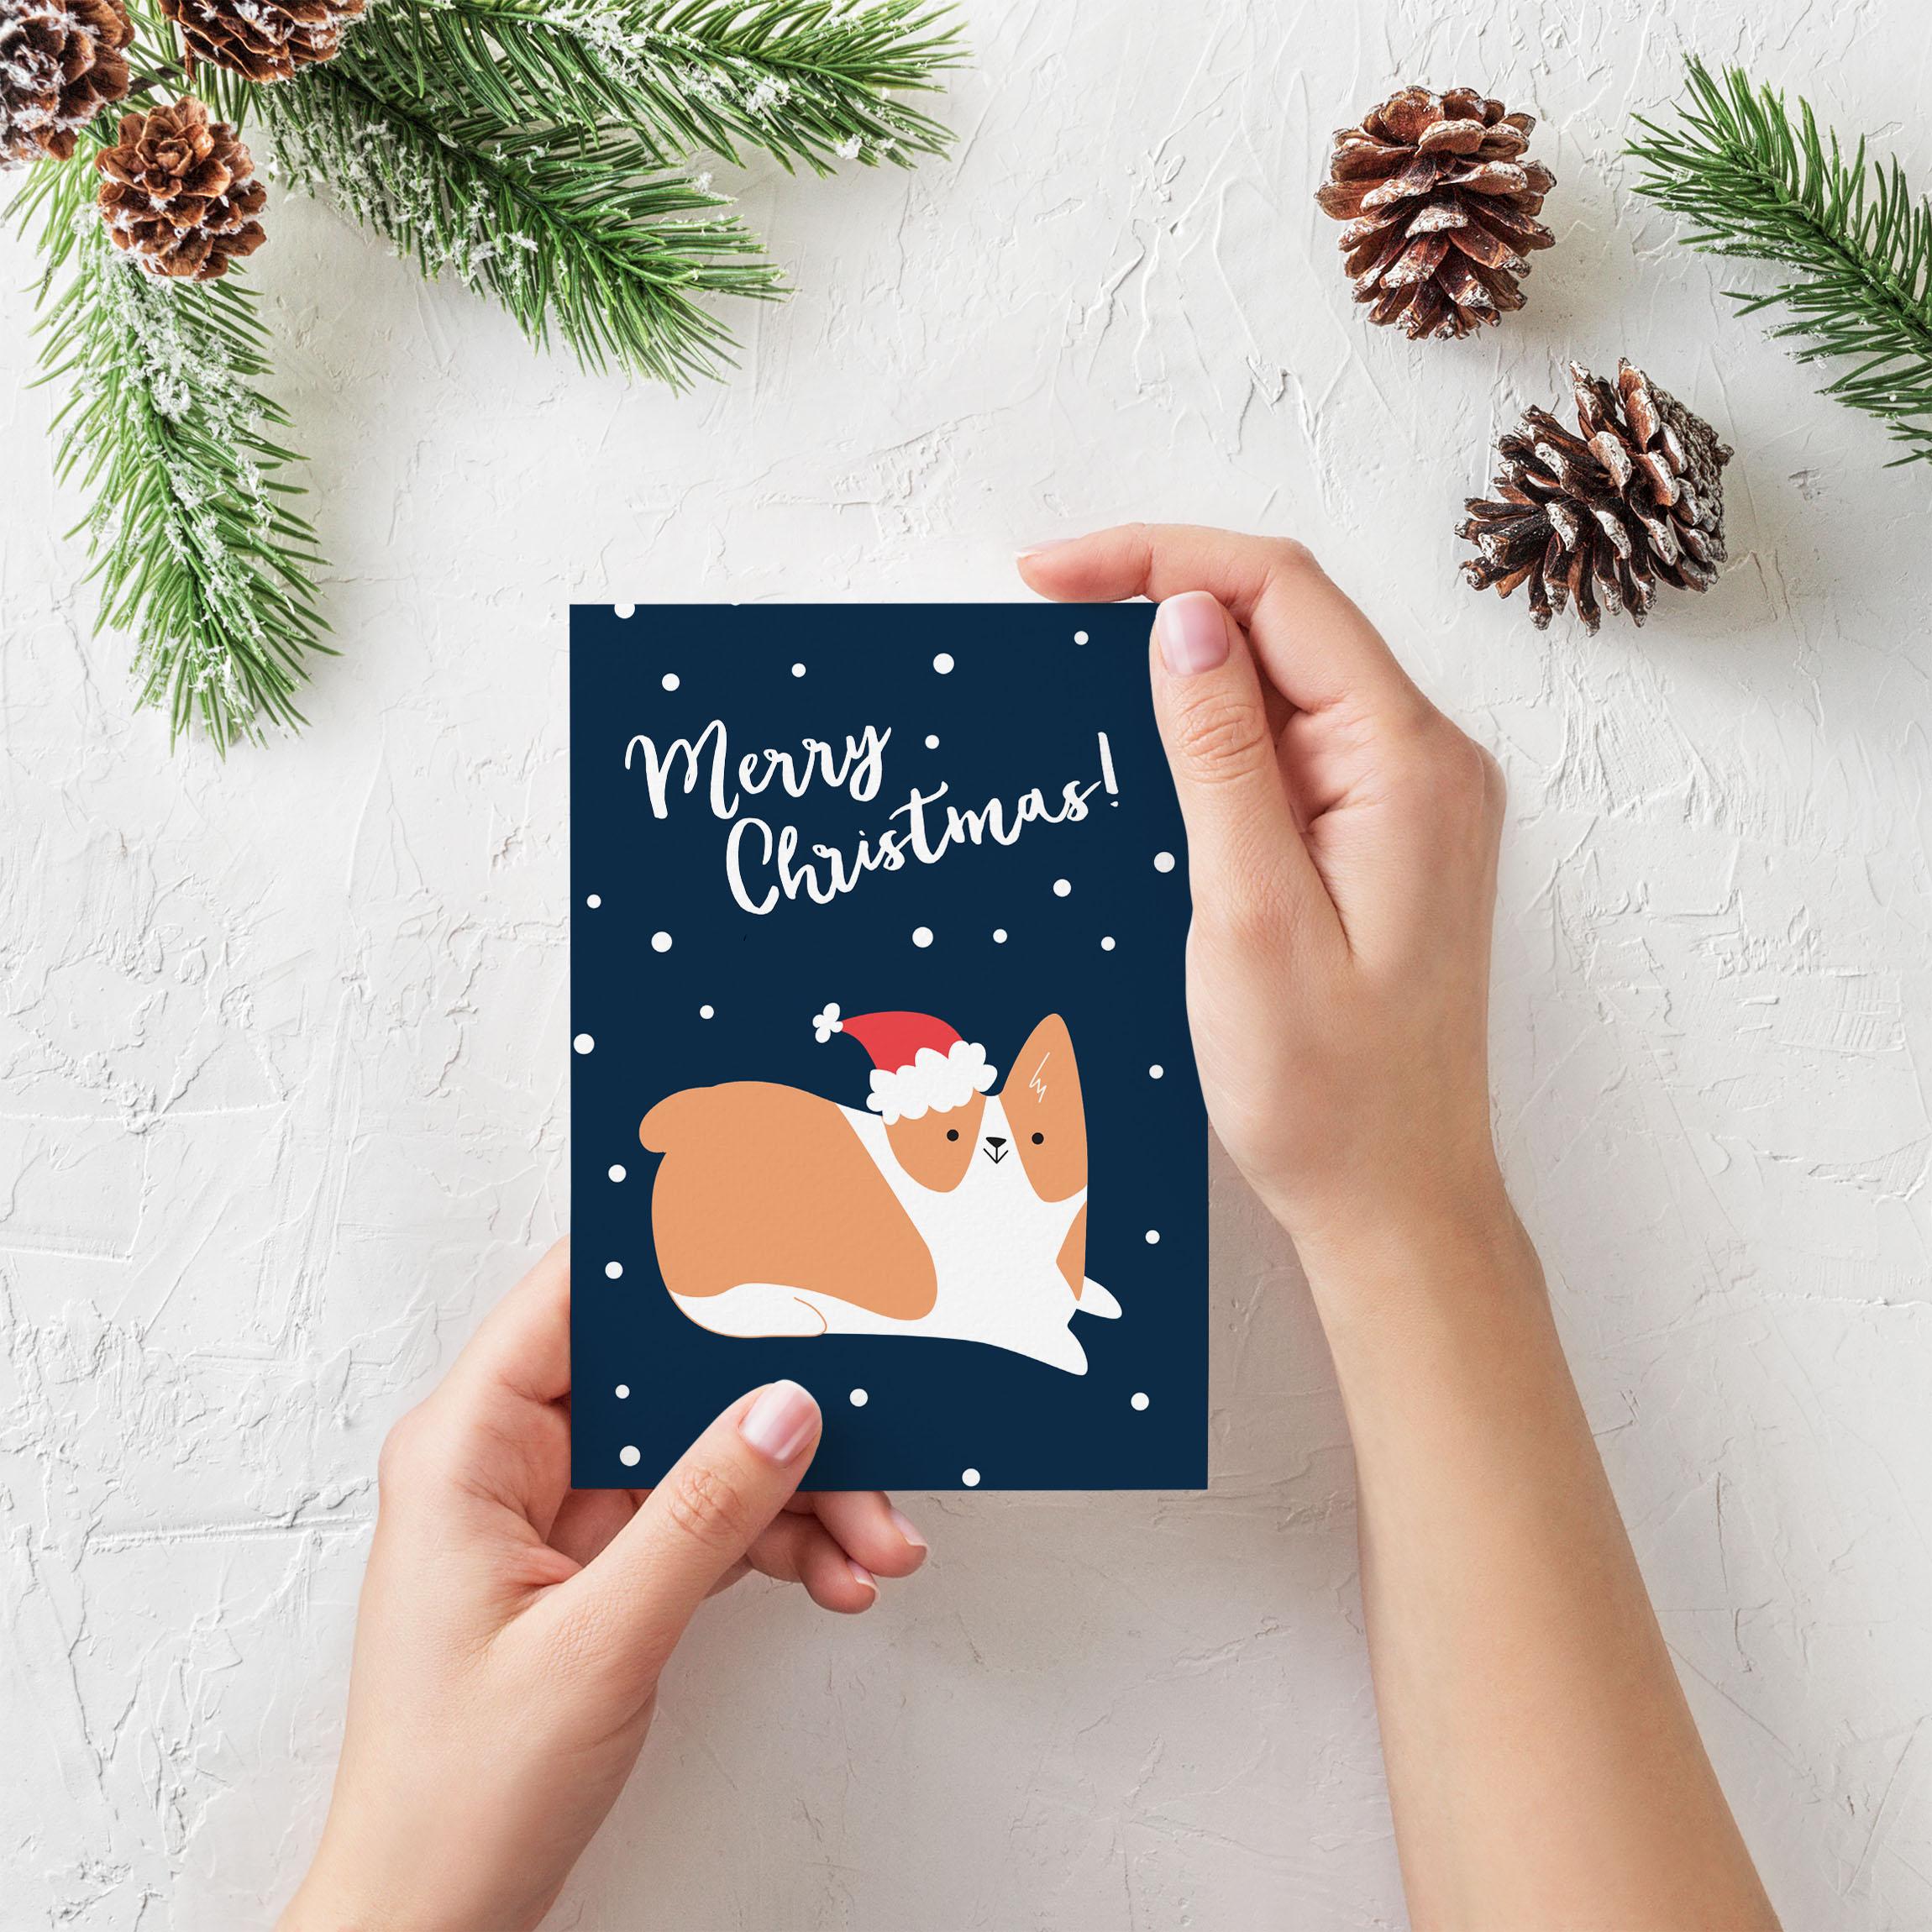 corgi_christmas_card_the_llamas